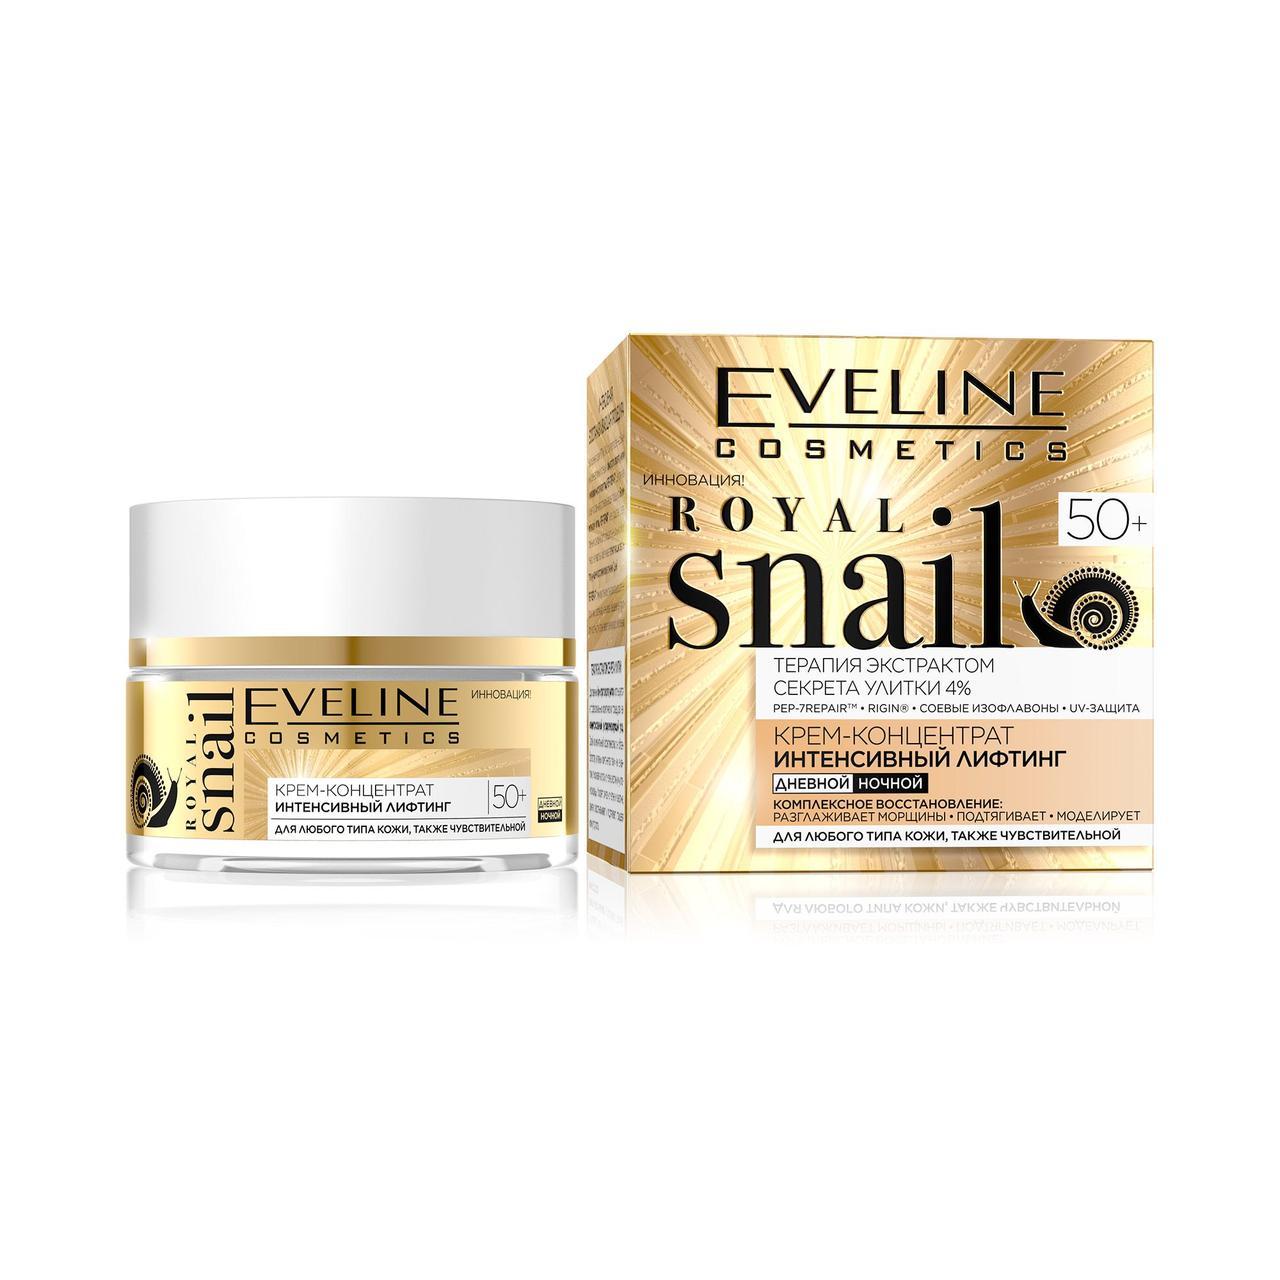 Крем концентрат интенсивный лифтинг «Royal Snail 50+ », Eveline Cosmetics, 50 мл Эвелин